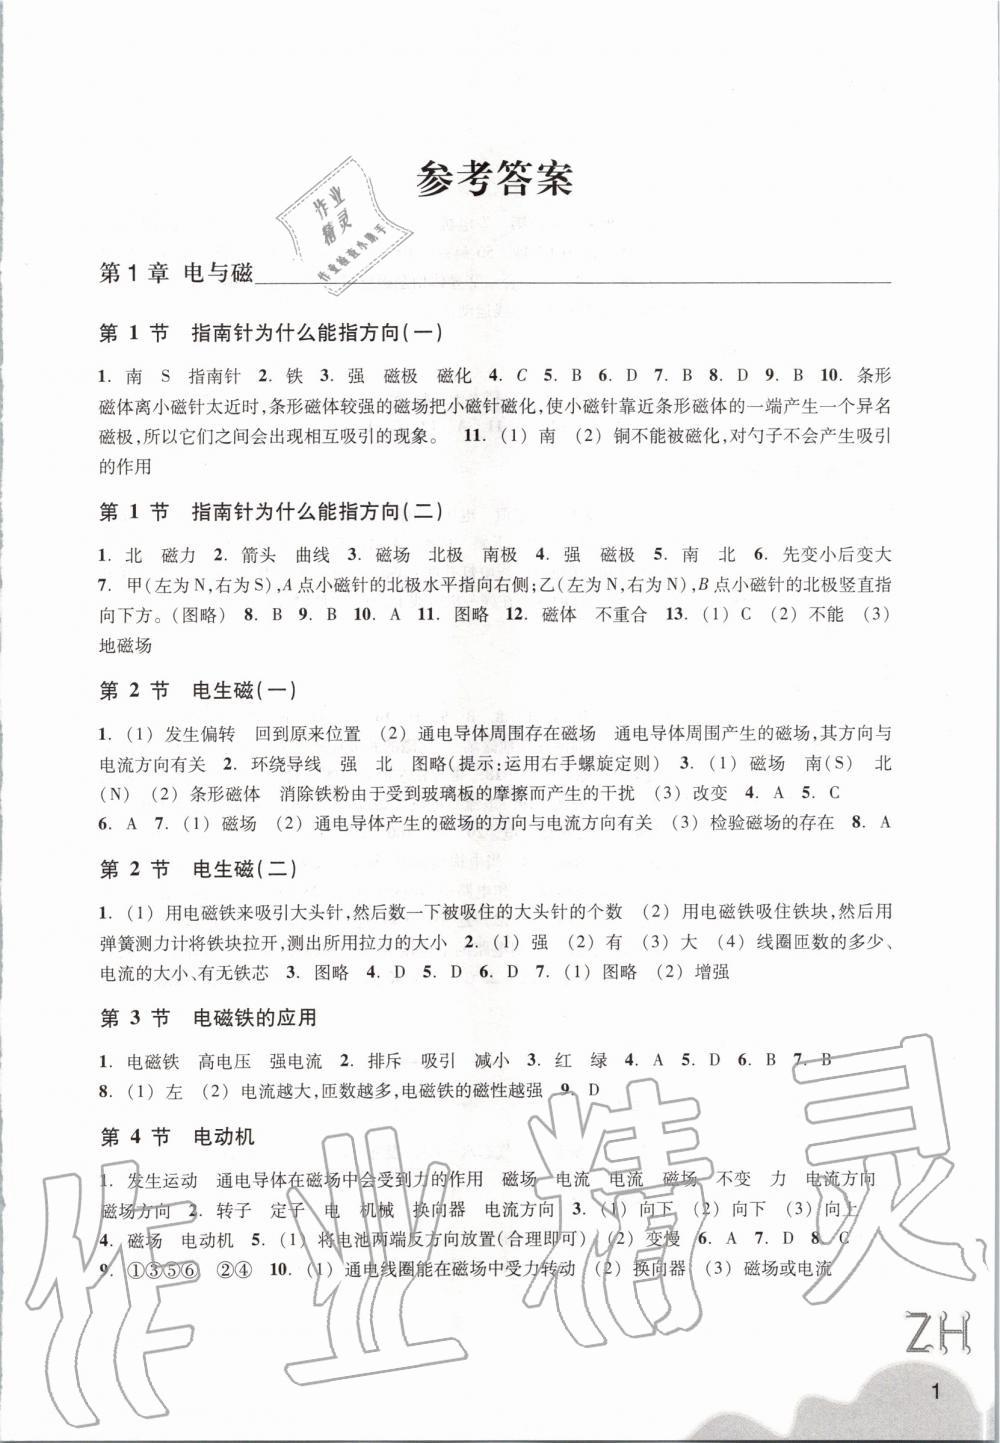 2020年作业本八年级科学下册浙教版浙江教育出版社第1页